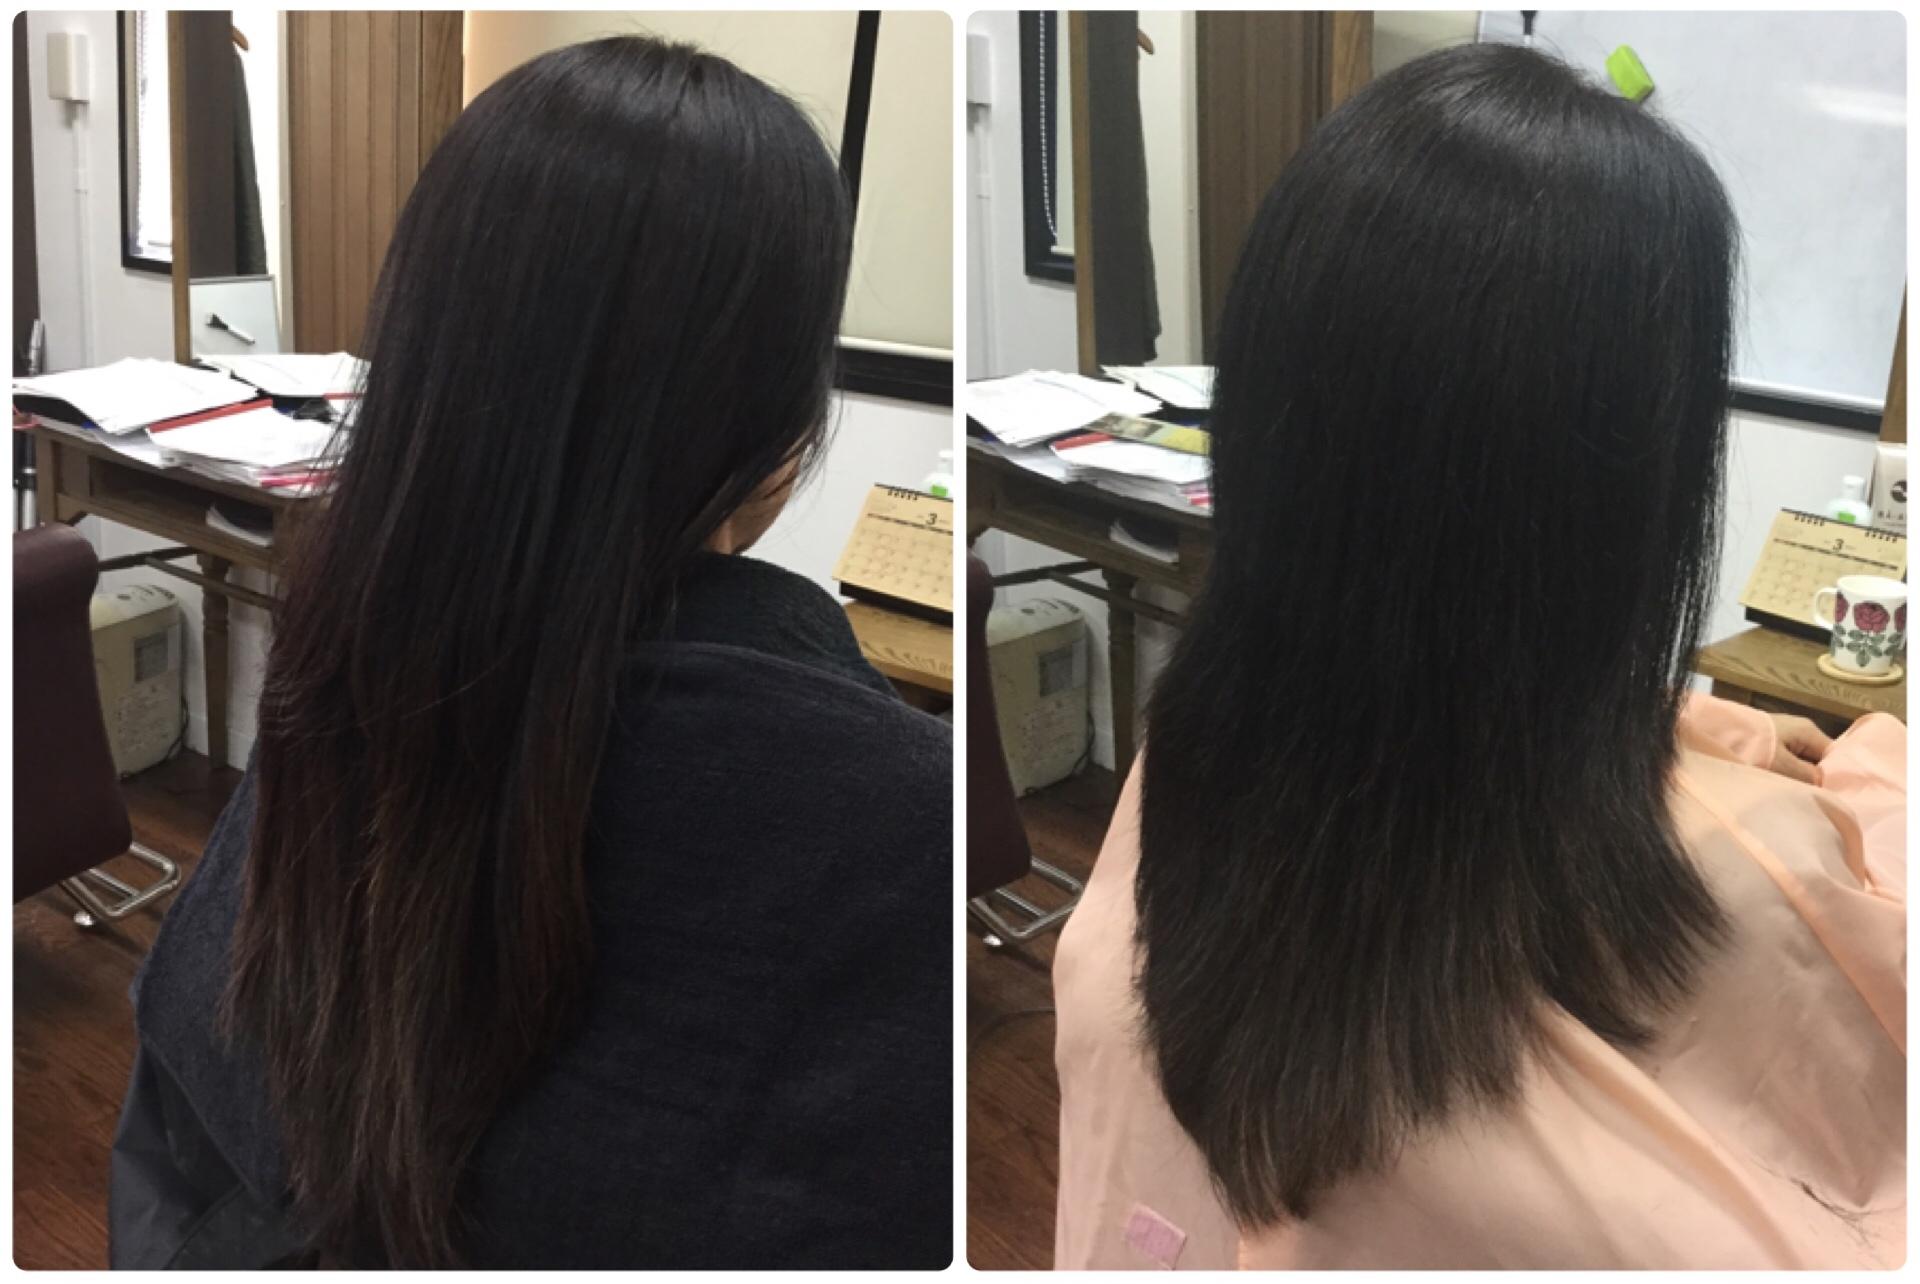 ジアミンを使わないロハスな白髪染め!天然100%熟成ヘナ神戸岡本くせ毛専門美容室アバディ